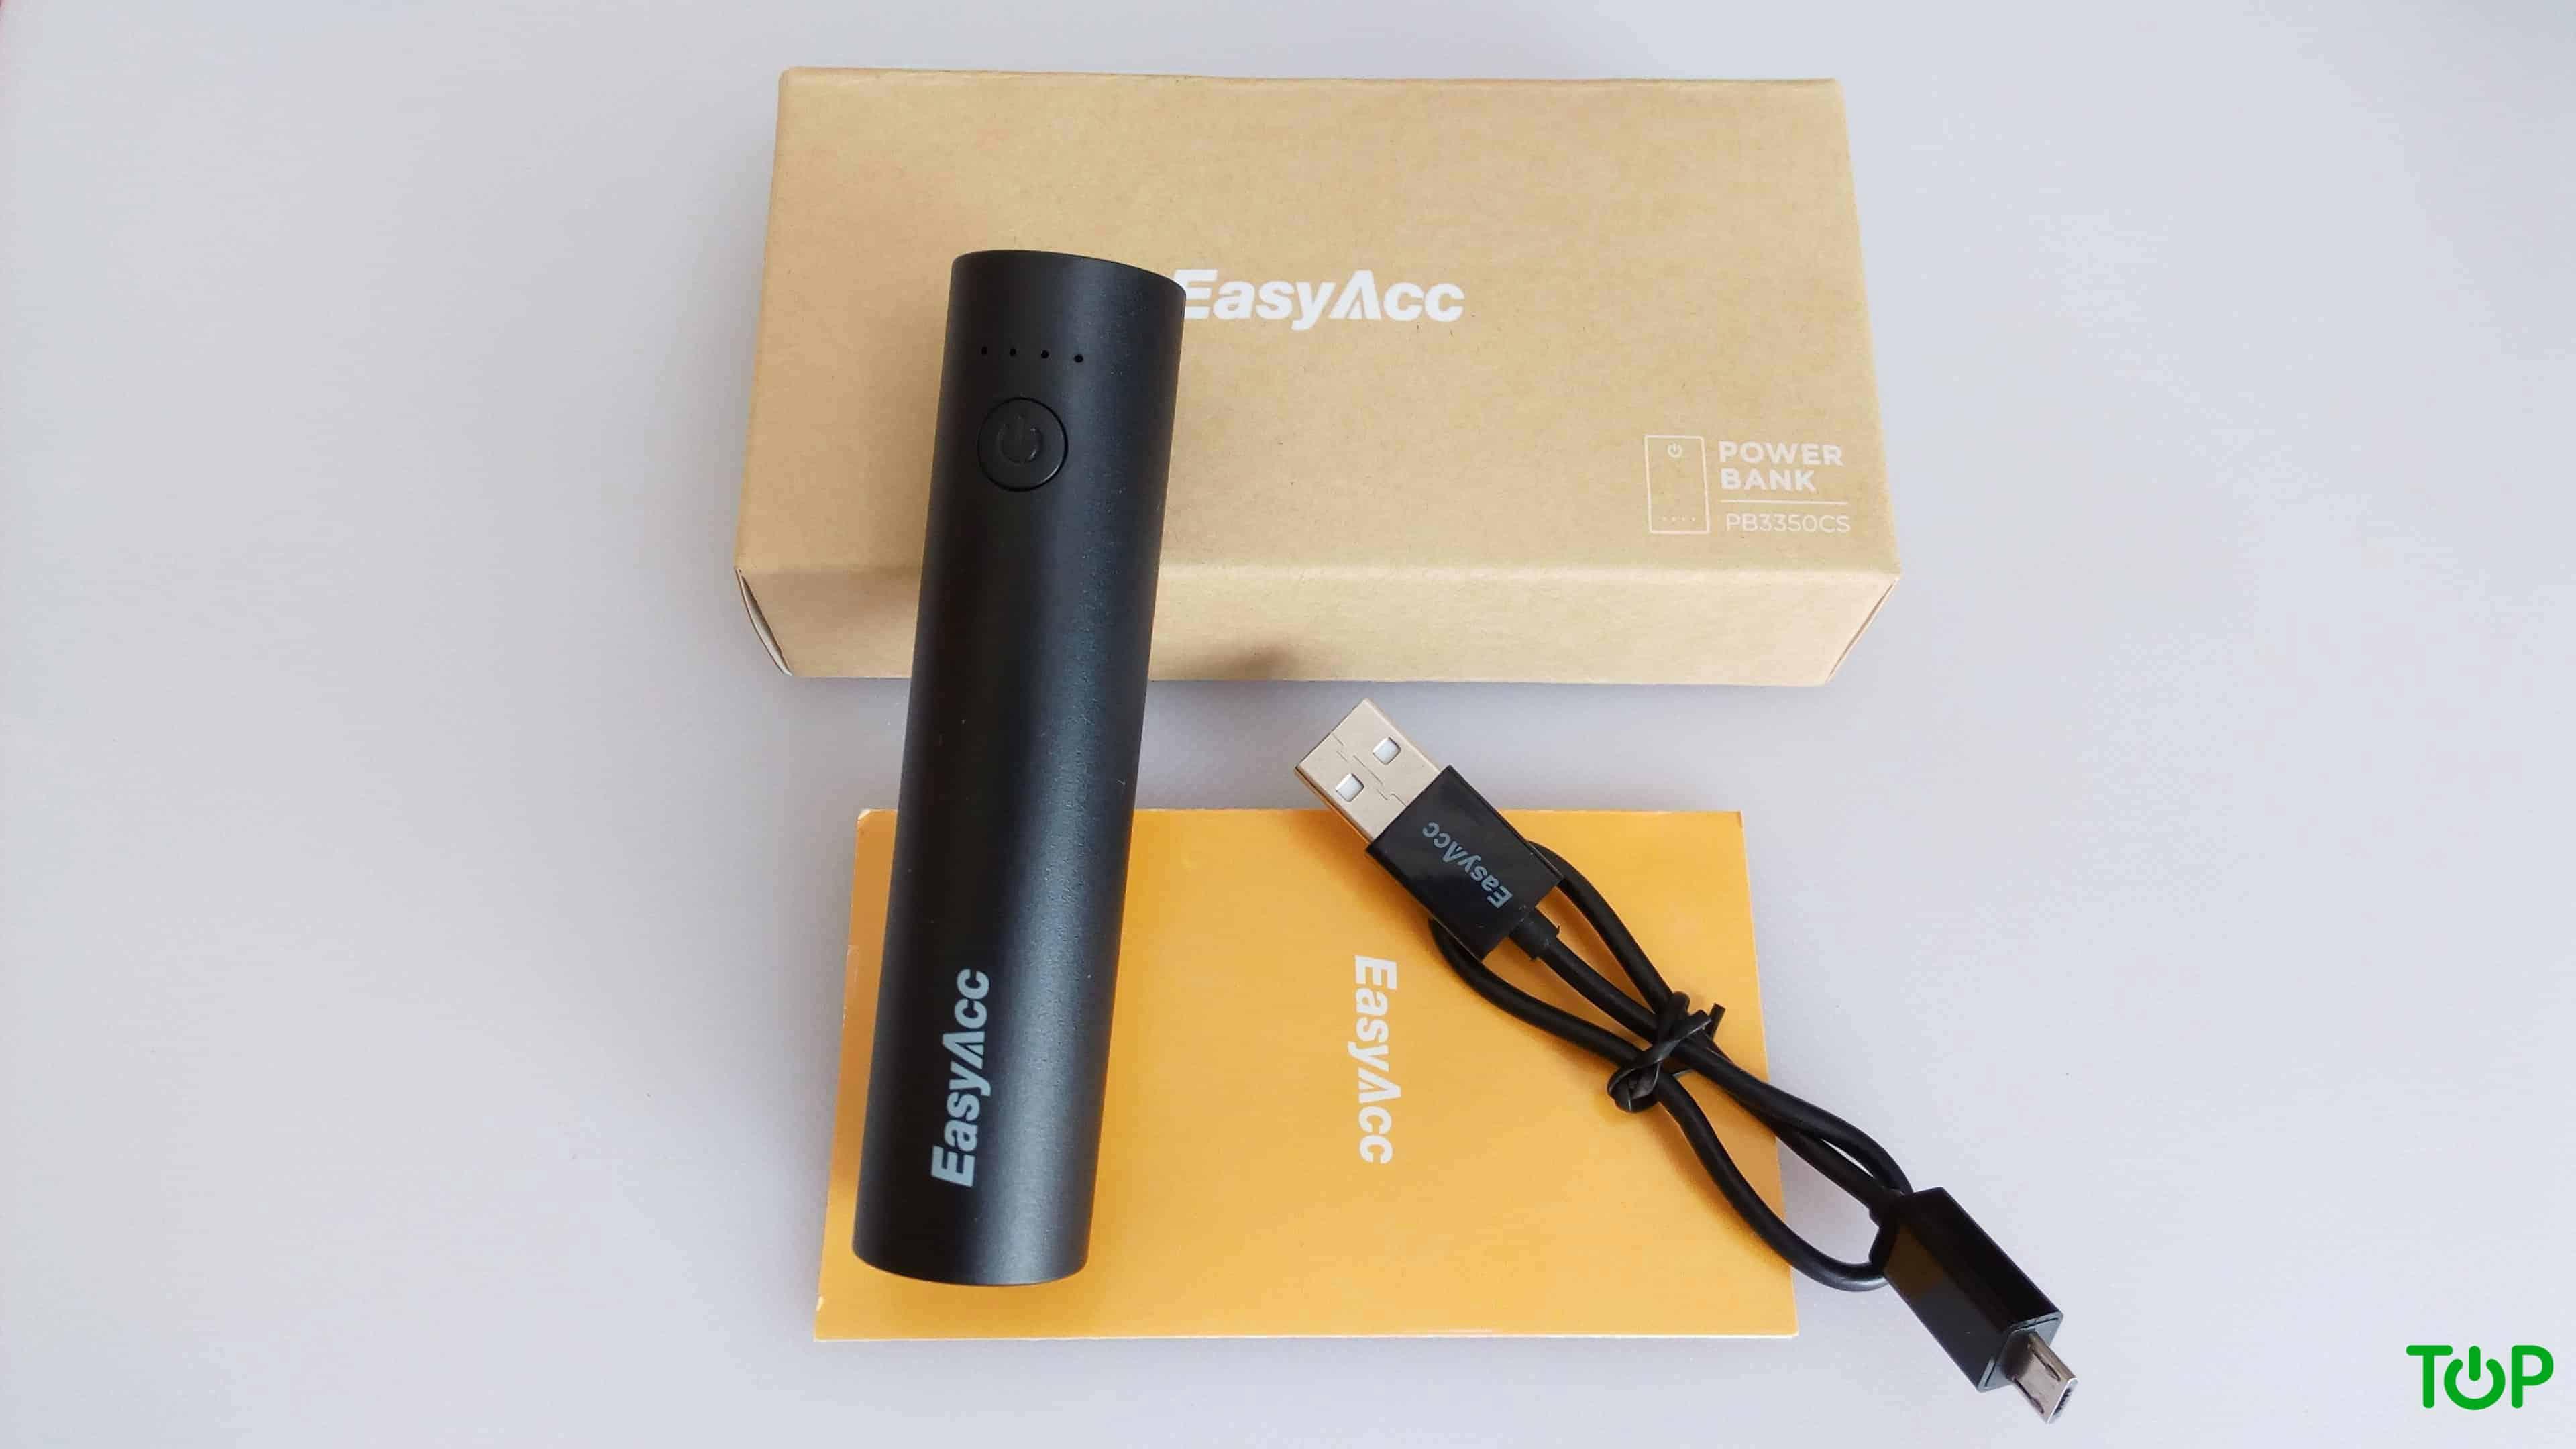 contenido-easyacc-power-bank-classic-3350-mah